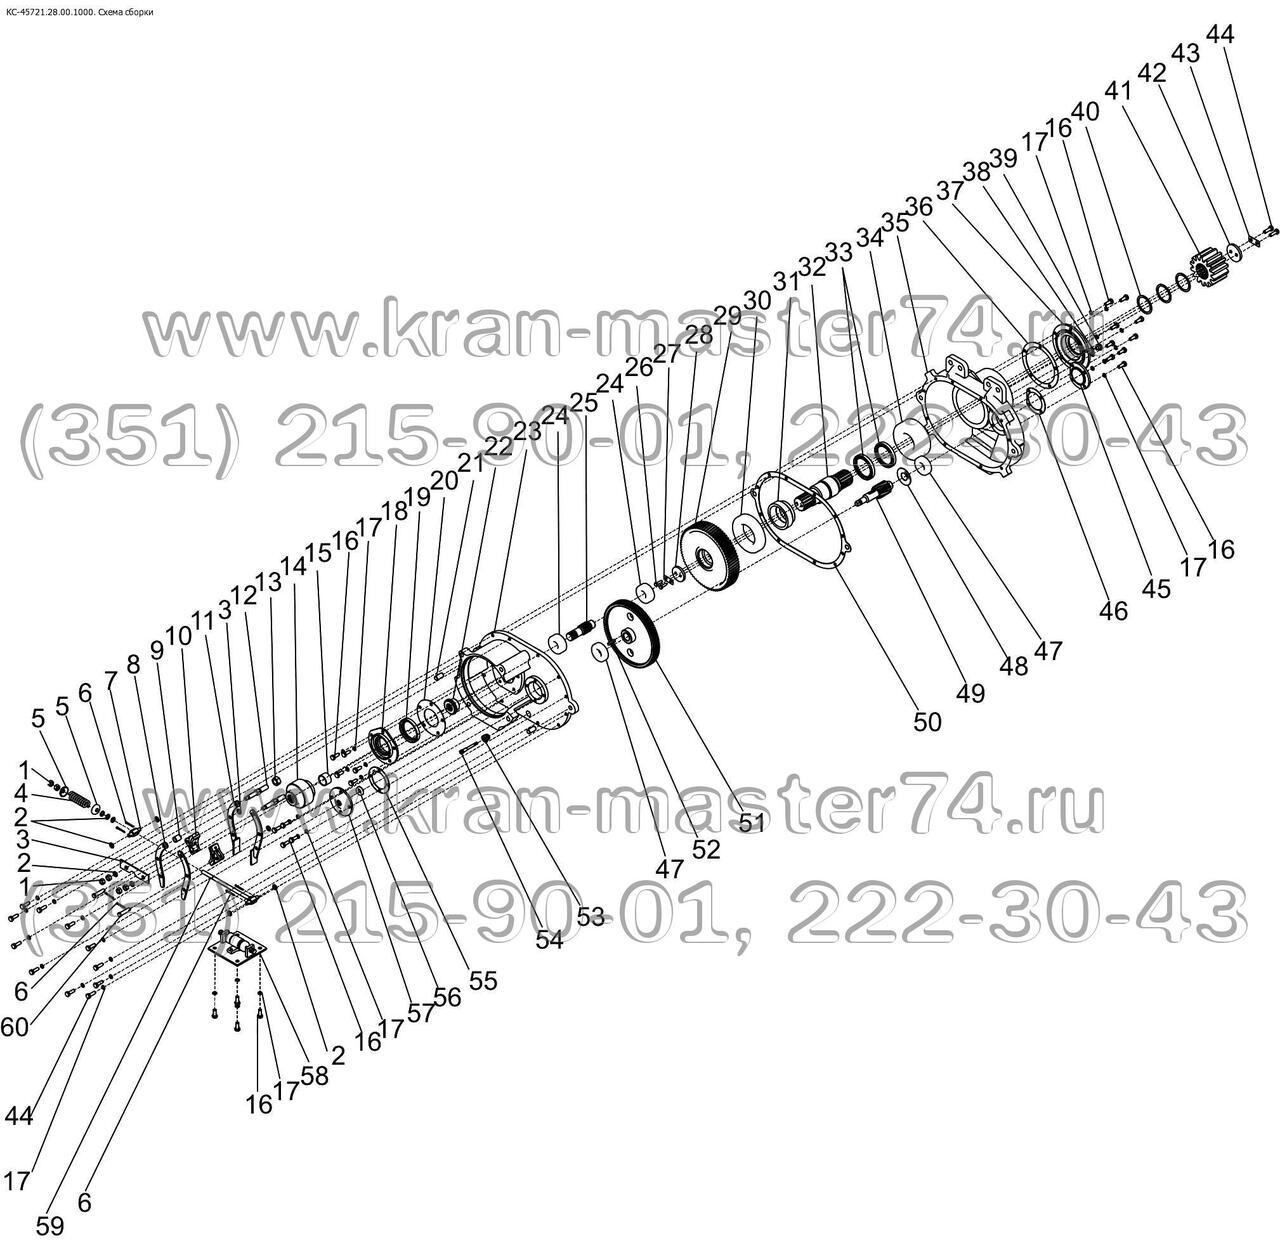 схема электрическая кс 3577